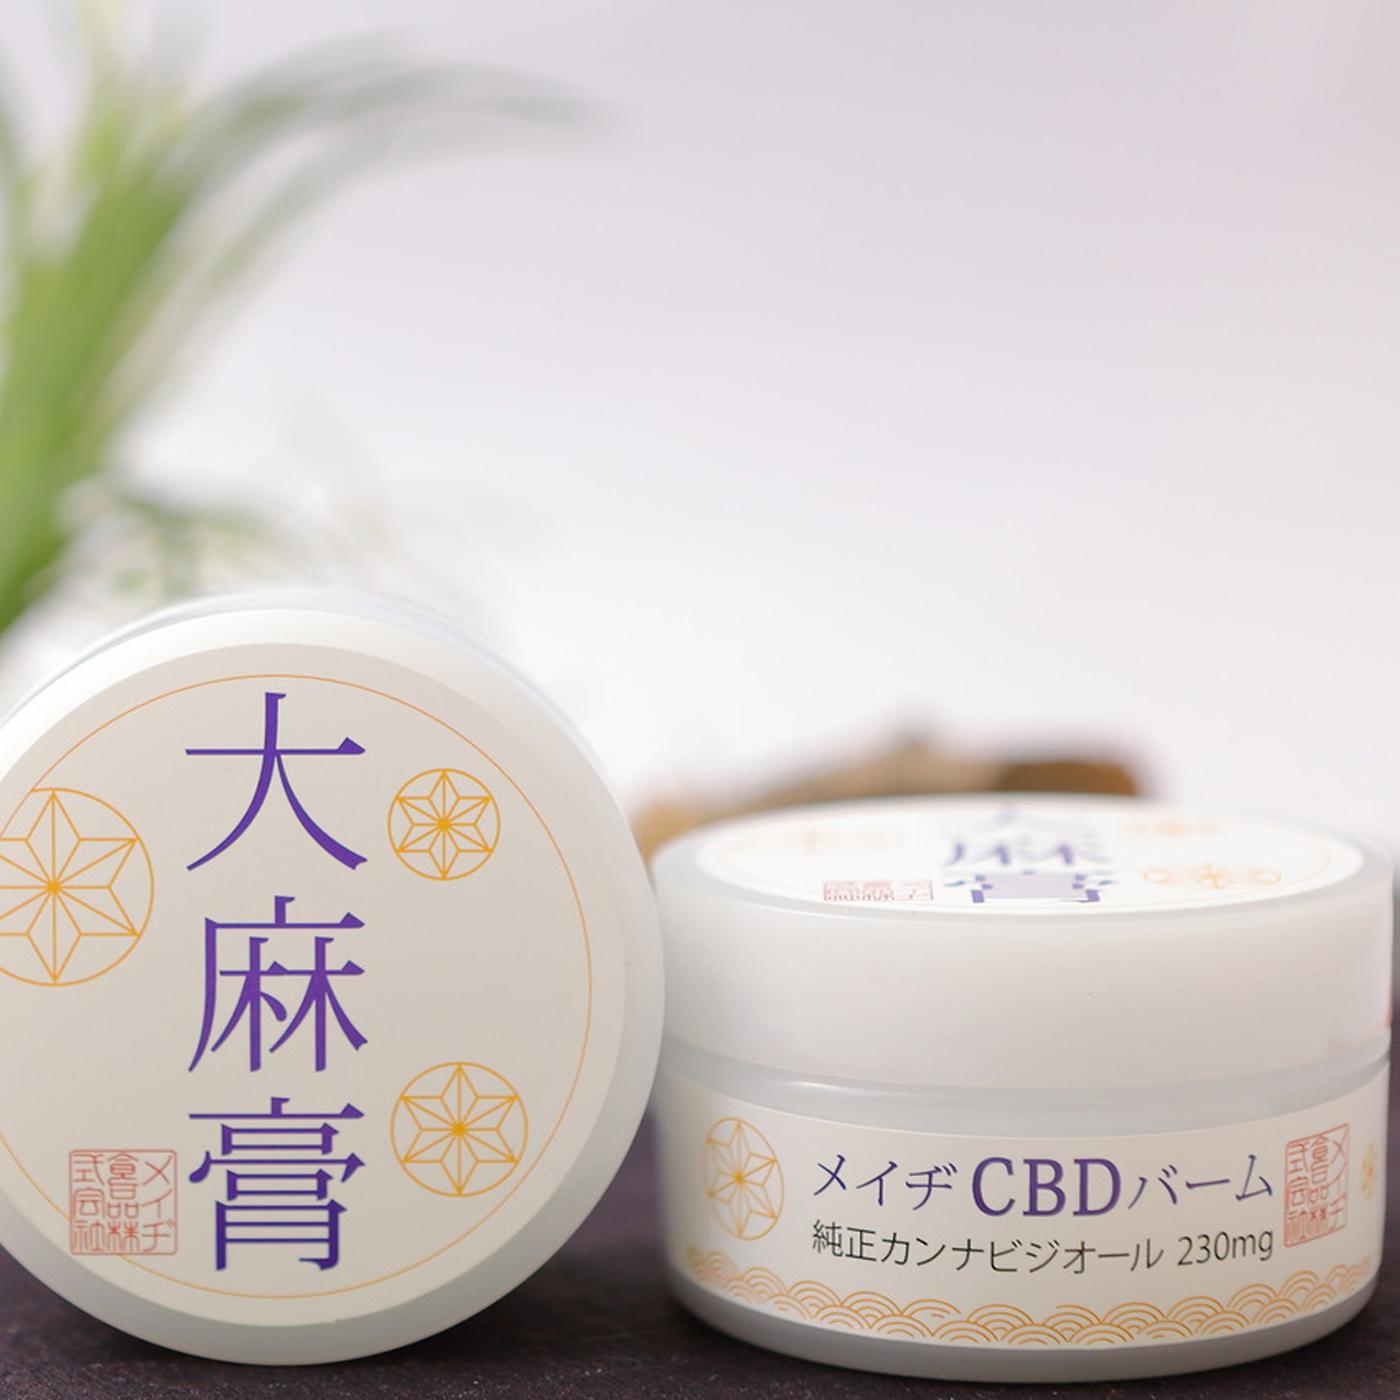 美容ツウならみんな知っている「大麻油」から新製品「メイヂCBDバームが登場!【PR】